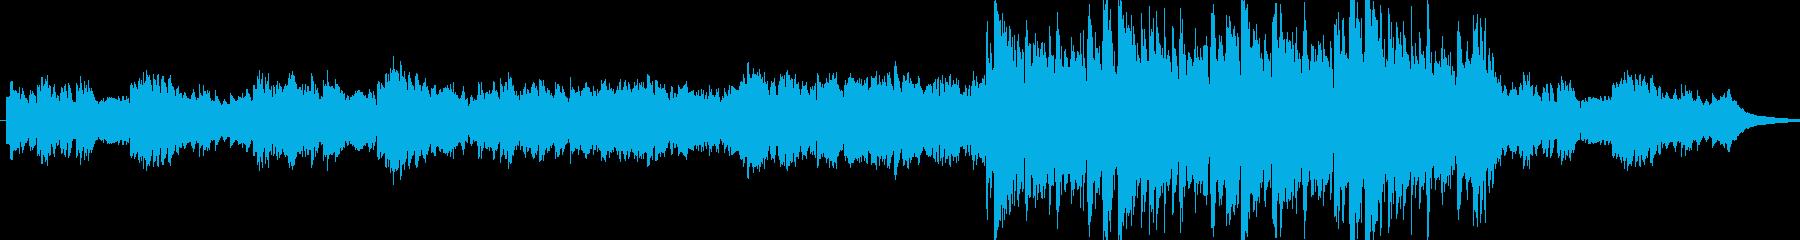 動画 センチメンタル 感情的 楽し...の再生済みの波形